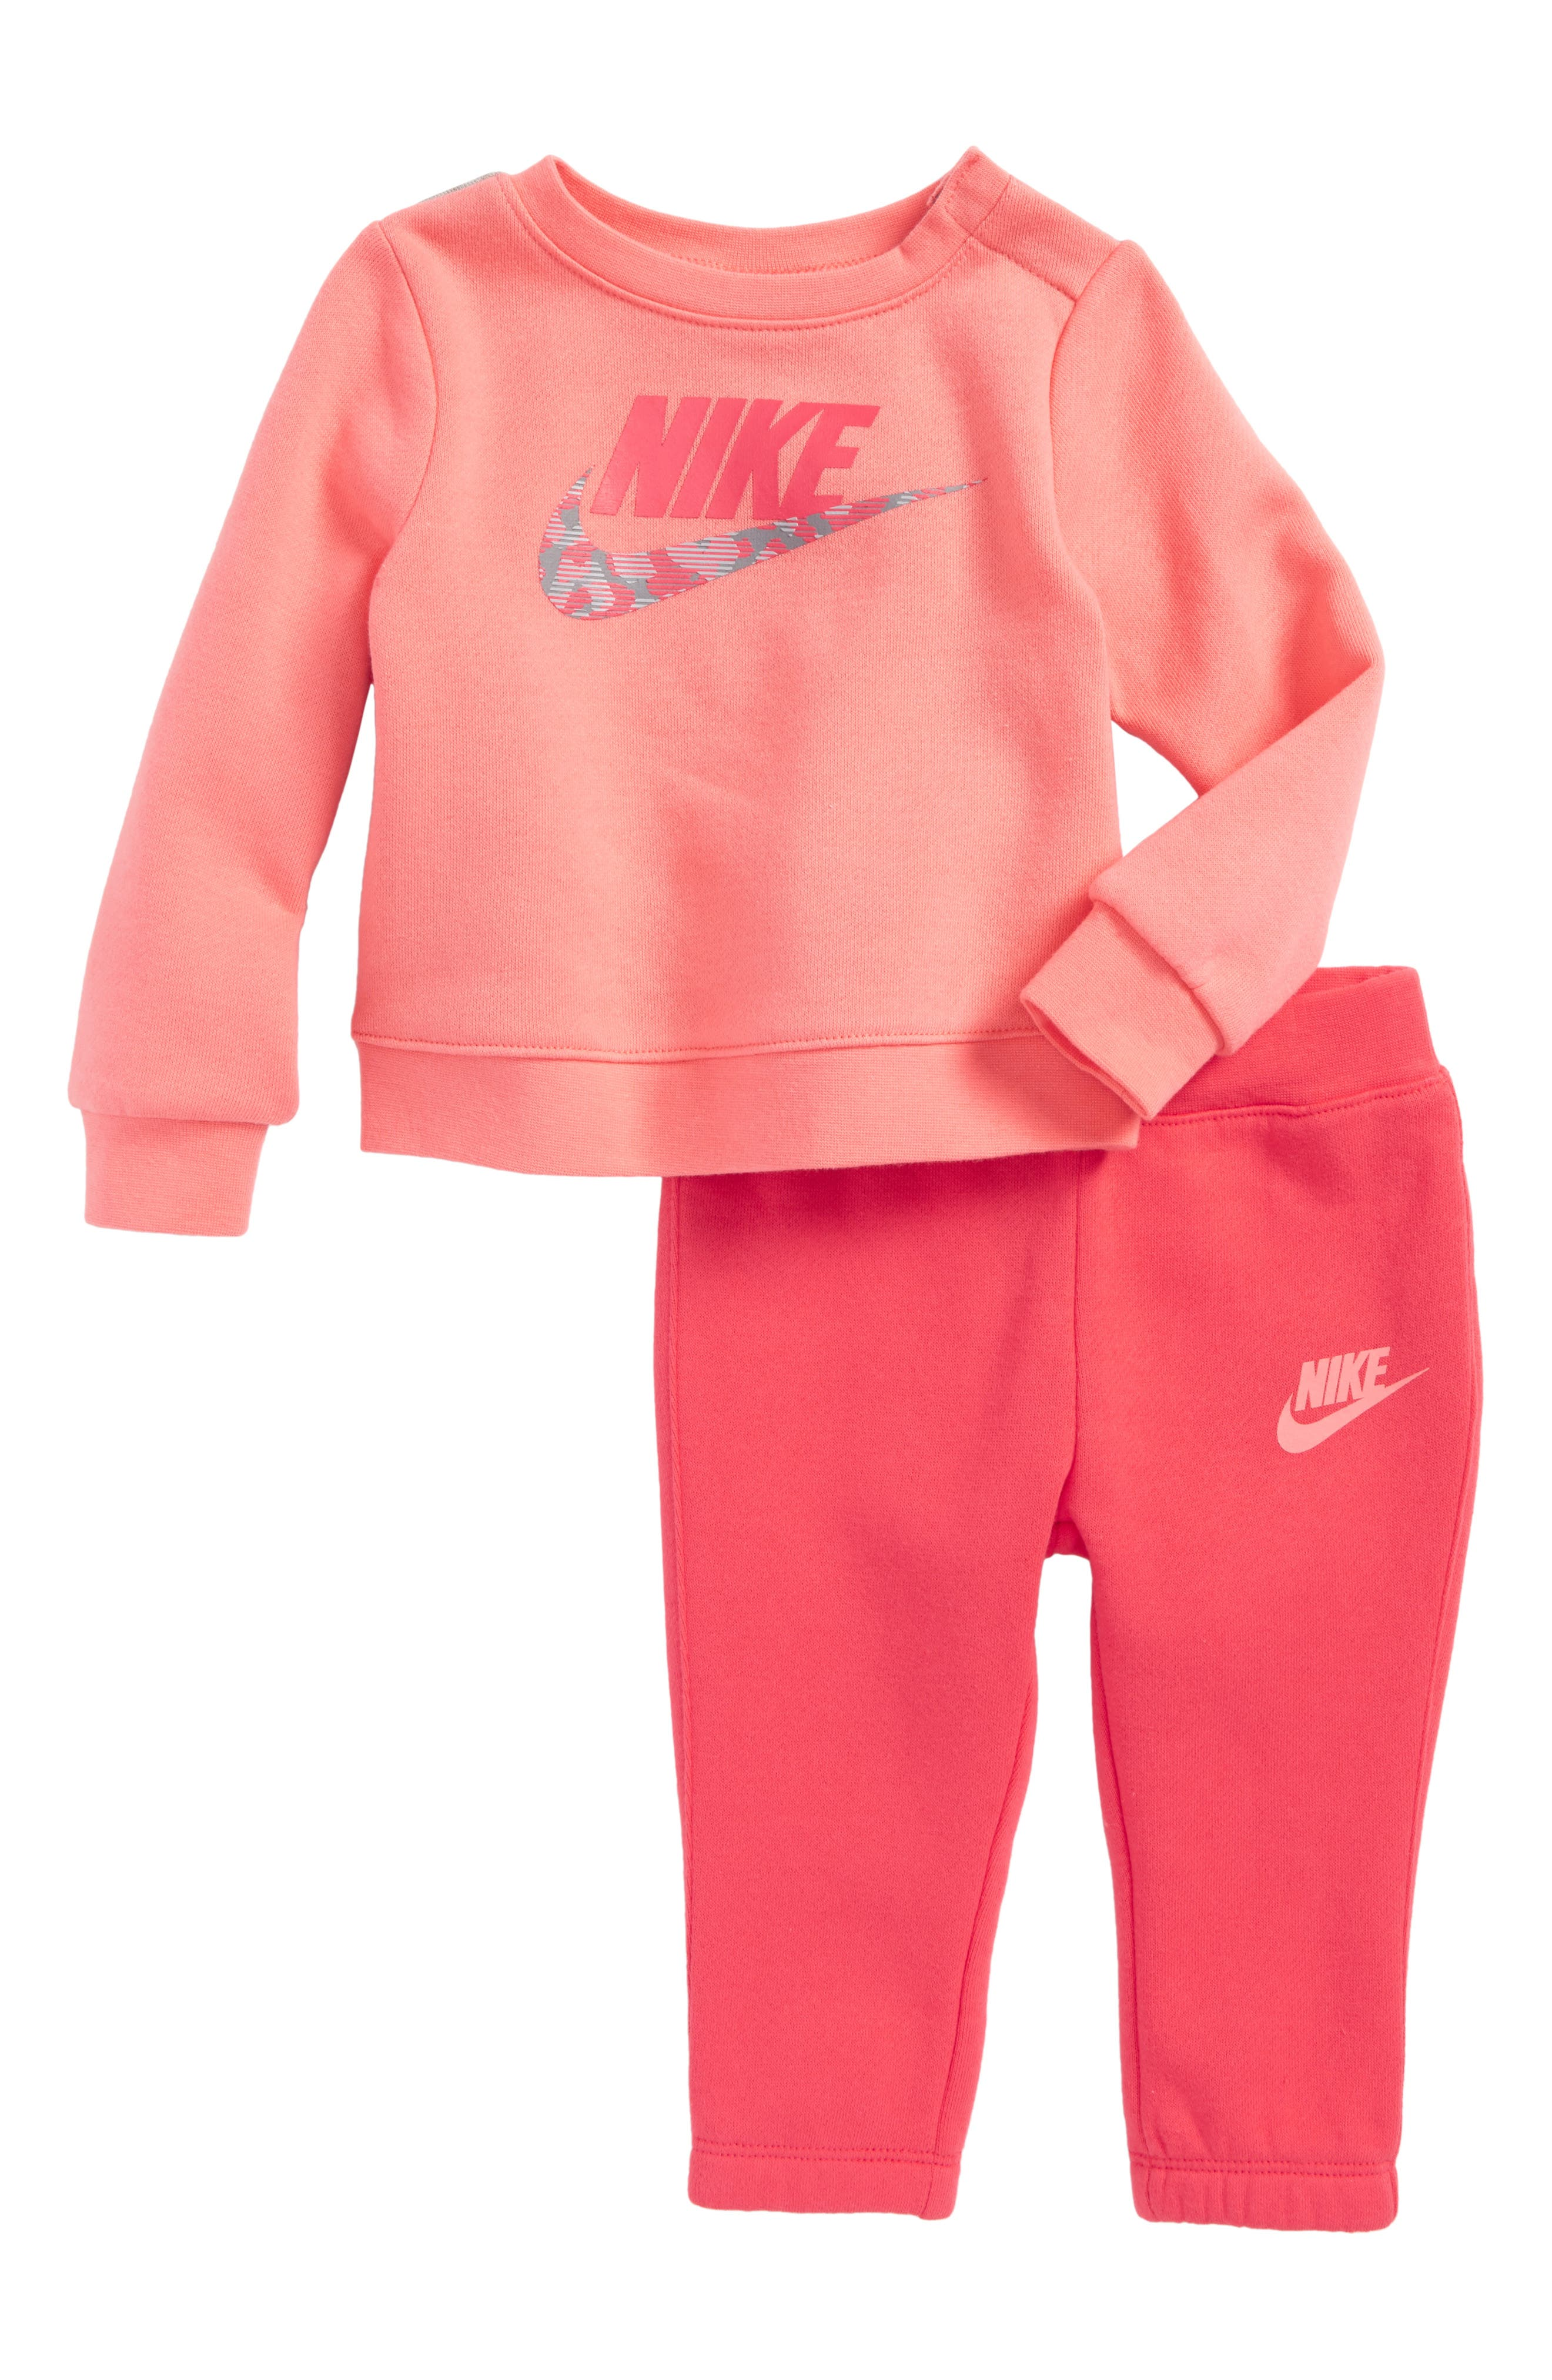 Alternate Image 1 Selected - Nike Fleece Sweatshirt & Sweatpants Set (Baby Girls)